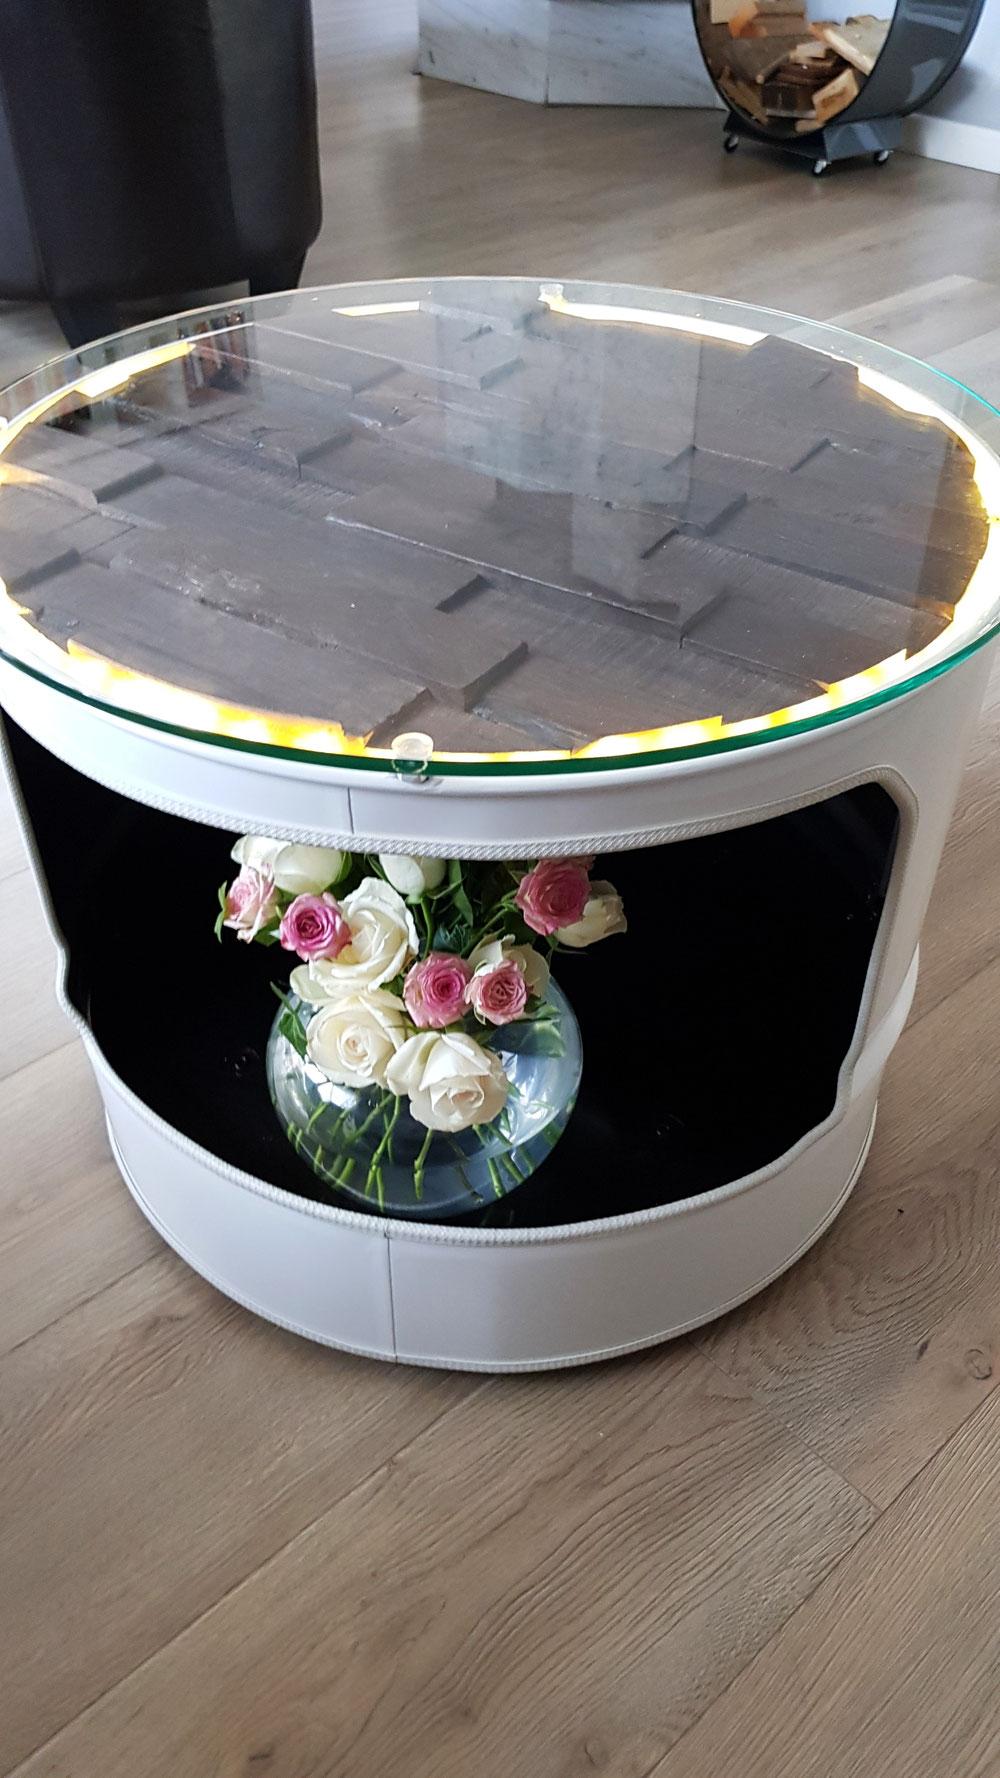 𝐶𝑜𝑢𝑐ℎ𝑡𝑖𝑠𝑐ℎ mit herausnehmbaren Holzplatte und Beleuchtung, abnehmbaren Glasplatte für Dekoration, Ablagemöglichkeit in der Aussparung, auf Rollen